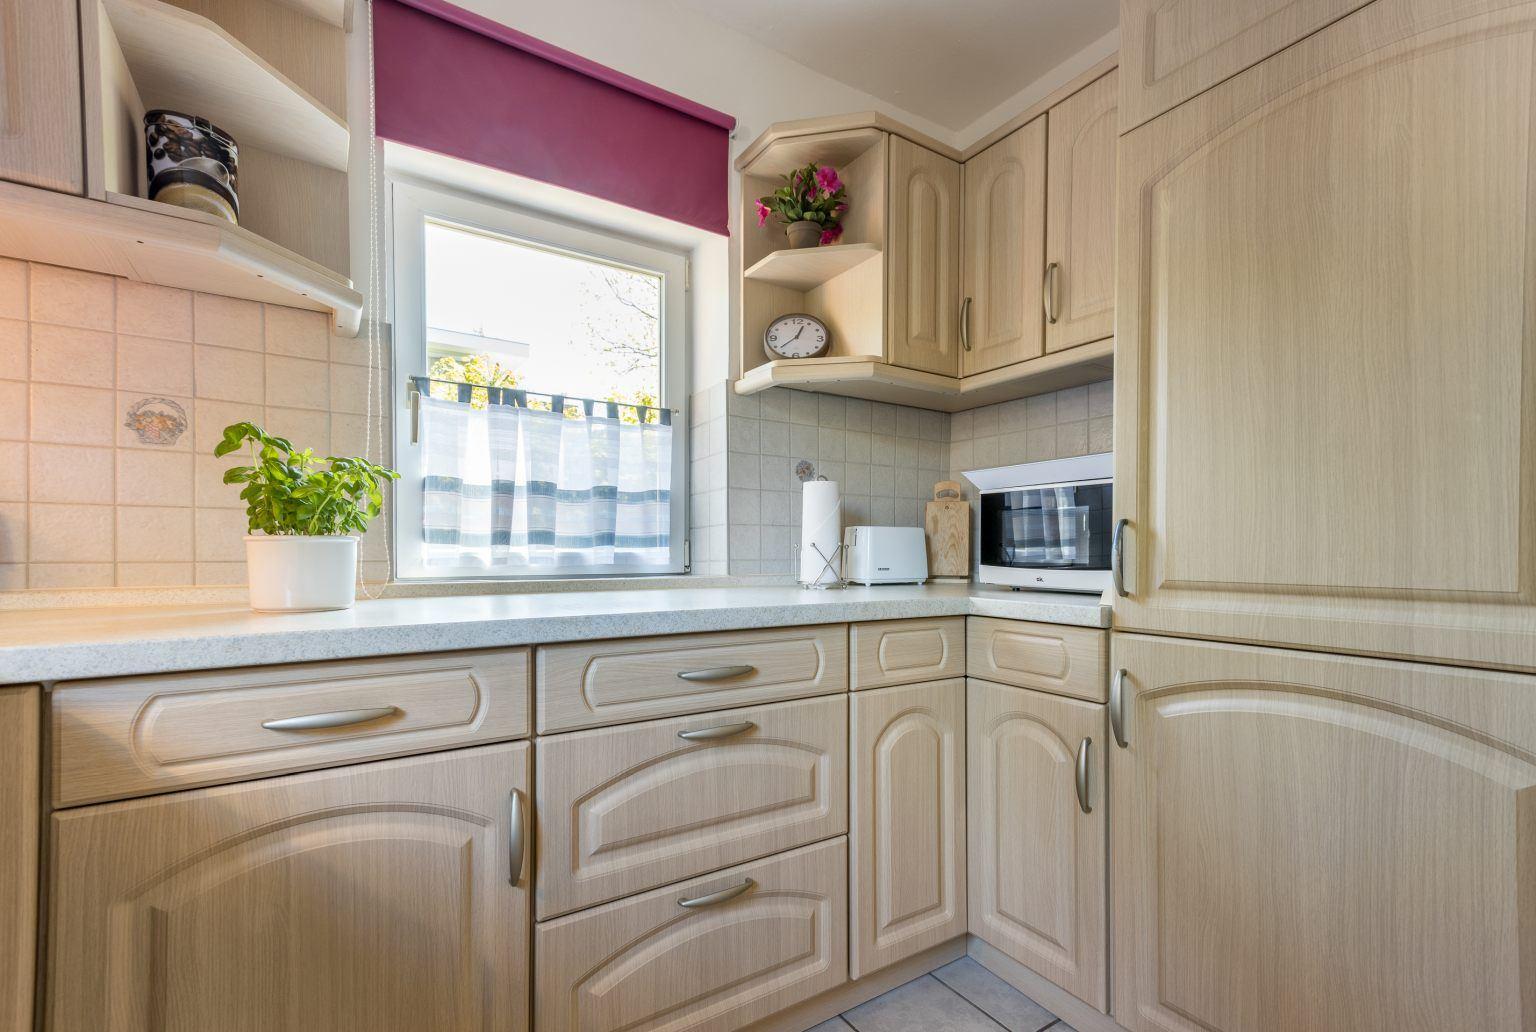 Küche - Haus Sturmmoewe, Wohnung 4, Badallee 27-27a, St. Peter-Dorf